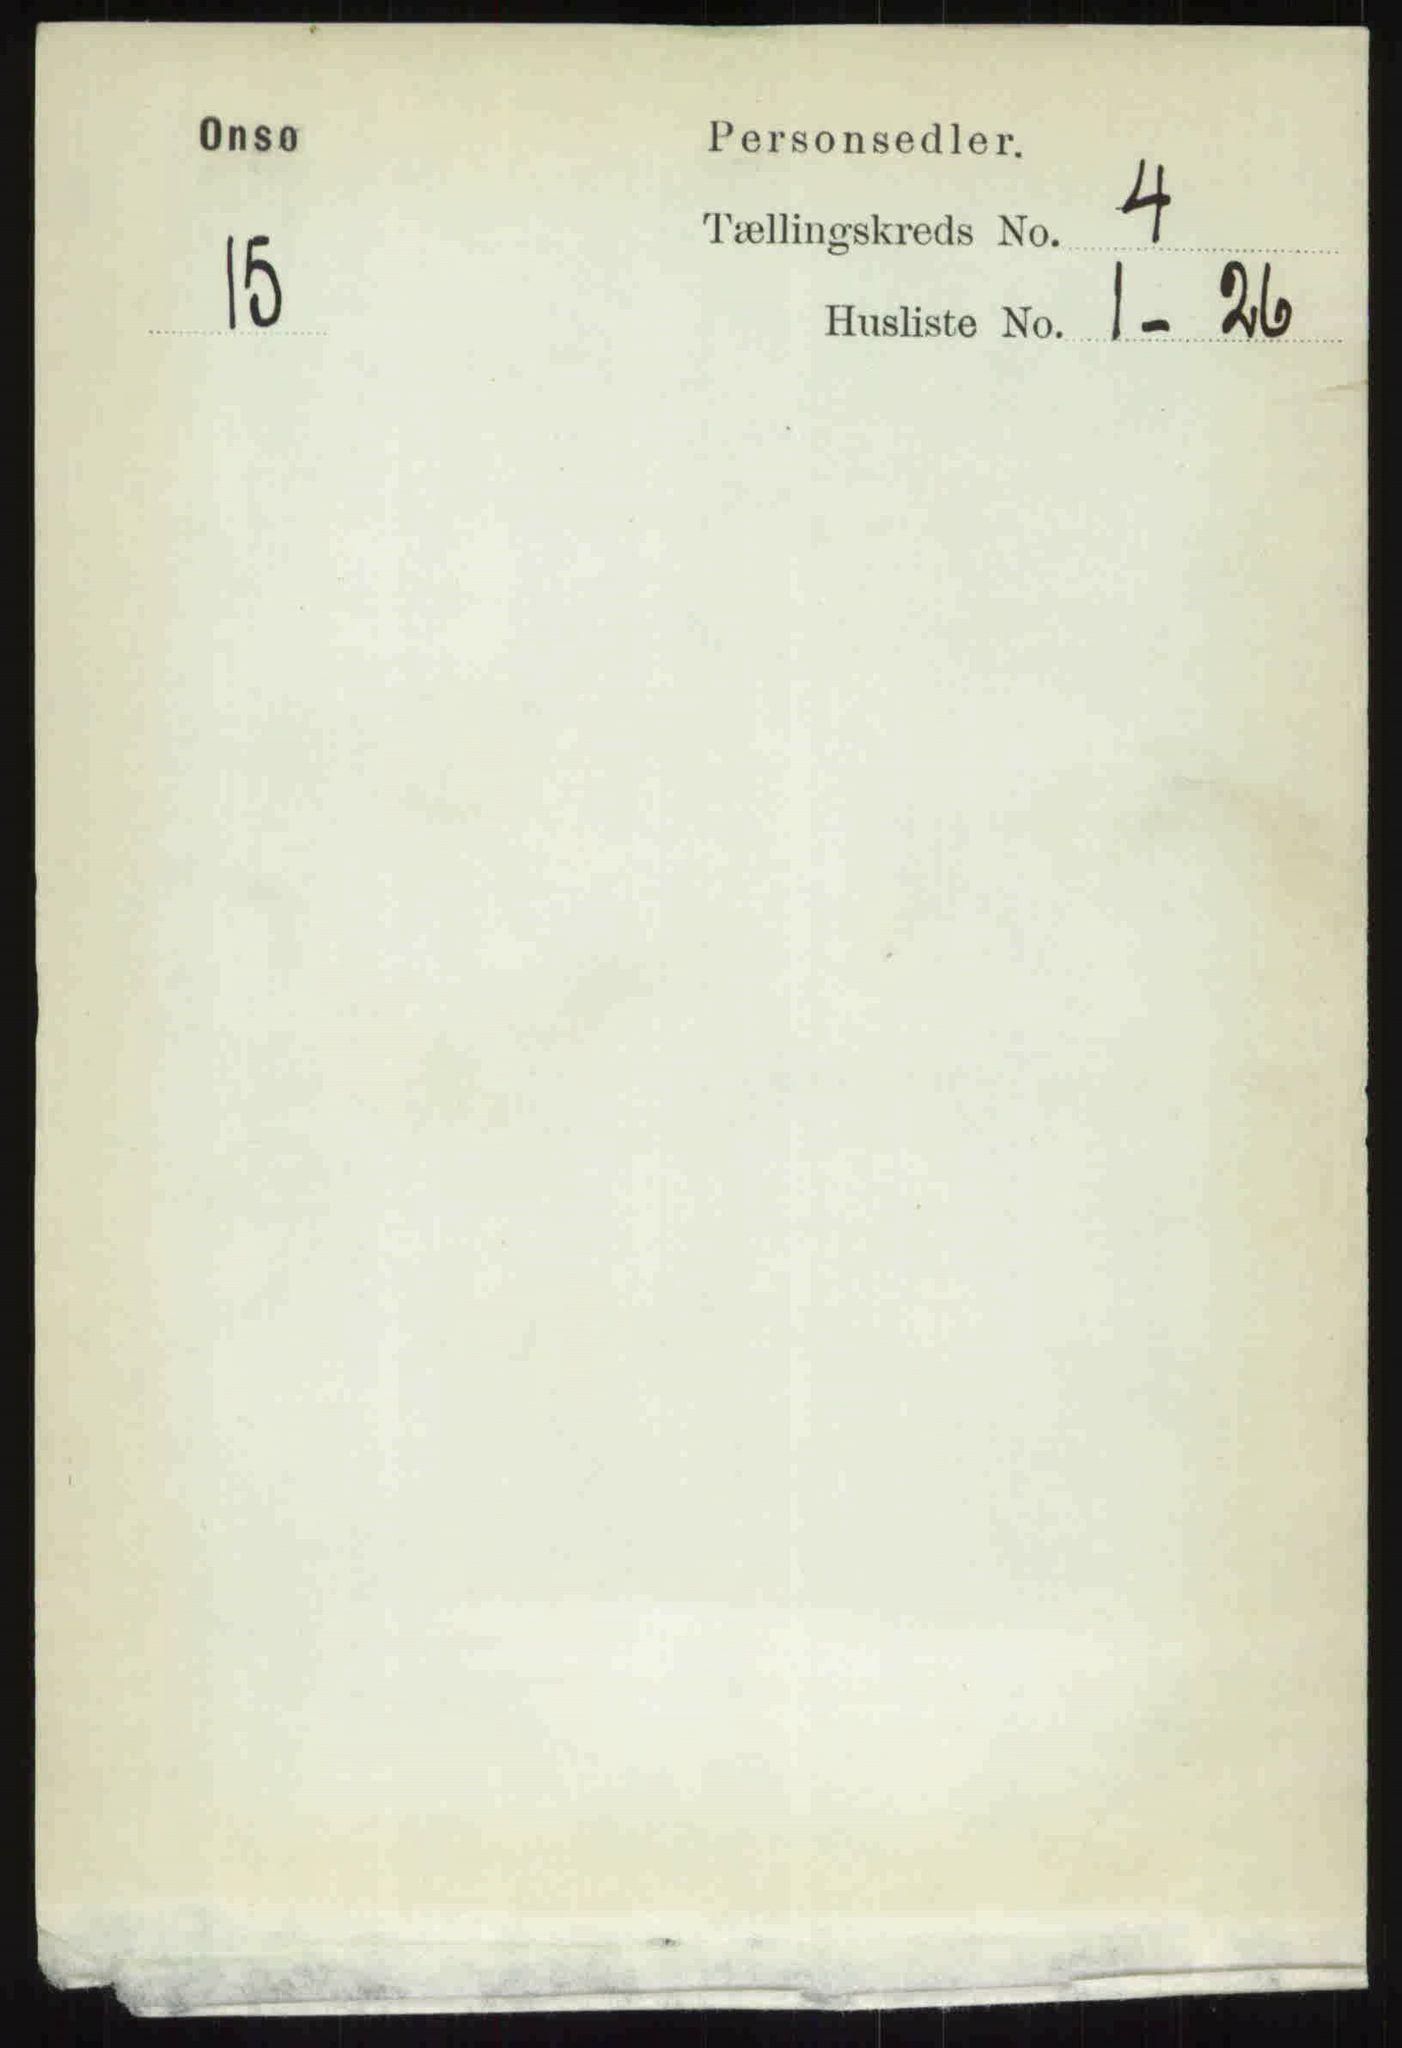 RA, Folketelling 1891 for 0134 Onsøy herred, 1891, s. 2727